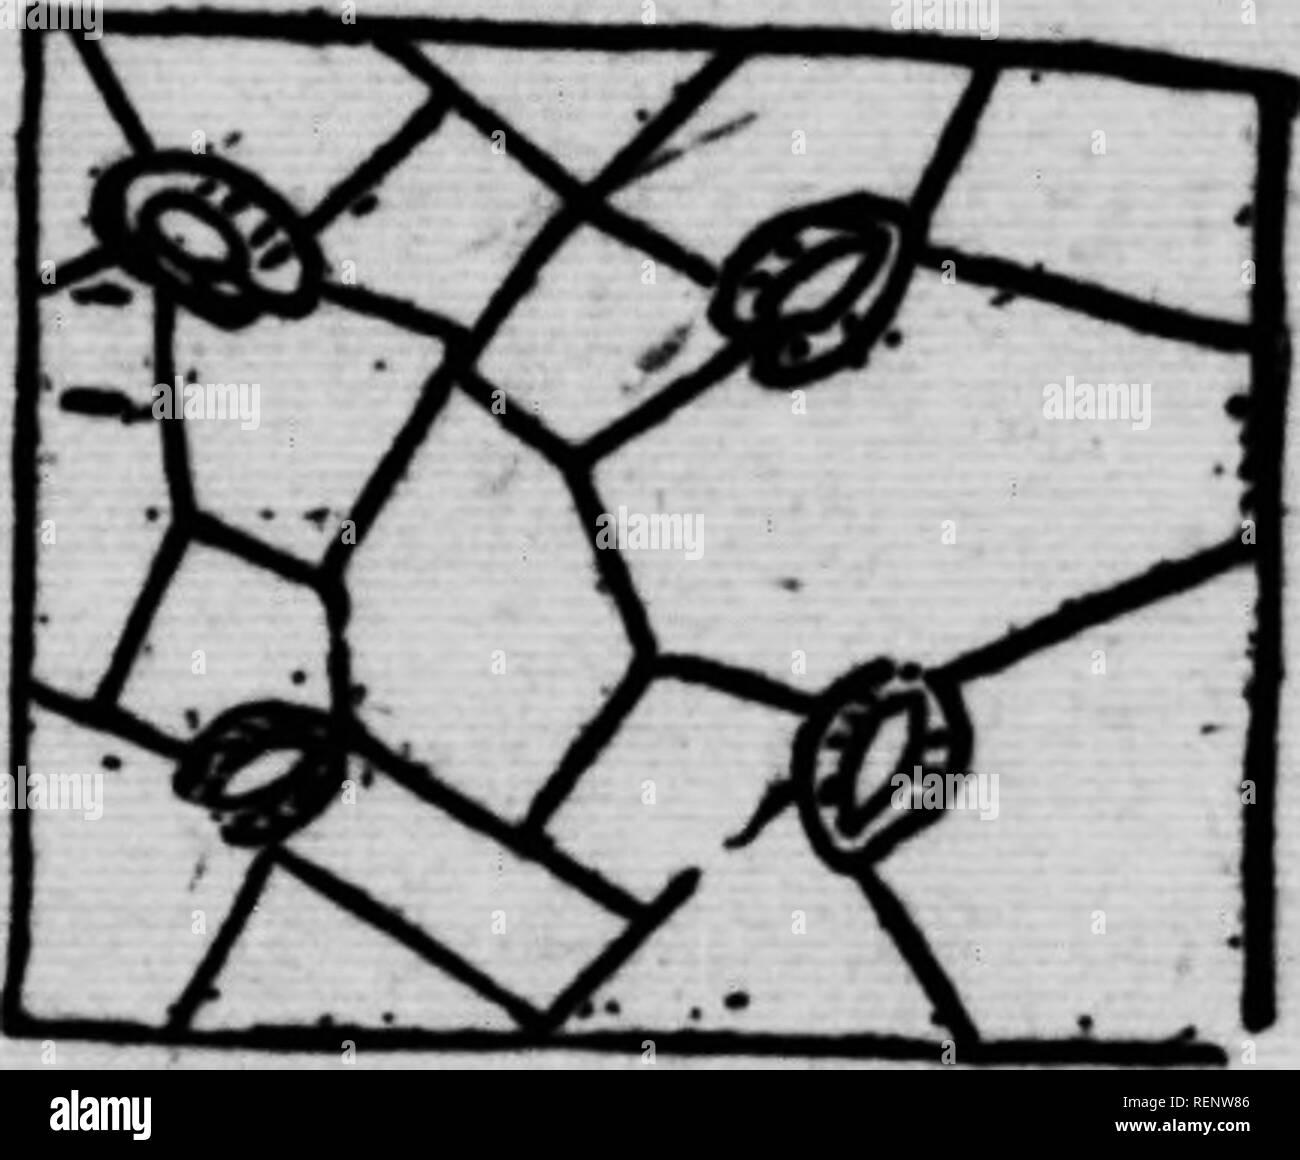 . Abrégé de botanique [microforme]. Botanique; Botany. FEUILL^ 21. T^' ,J^ 8^»»^»*. <» Â«ont les feuilles des plantes dicotylÃ«- donÃ«es (E»ble, par exemple) qui offrent cette ramification à 1 infini des nervures; chez les monocotylédones, les nervures wnt presque parallèles dans l'étendue de la feuille (Blé dinde). Les nervures diminuent de grosseur à mesure qu'el- IM se ramifient.âCe qui donne la couleur verte aux feuilles et en général aux parties herbacées des plantes, c'est une matière granuleuse nommée chlorophylle, contenue dans les cellules. L'épiderme eÂ«t ordinair Stock Photo